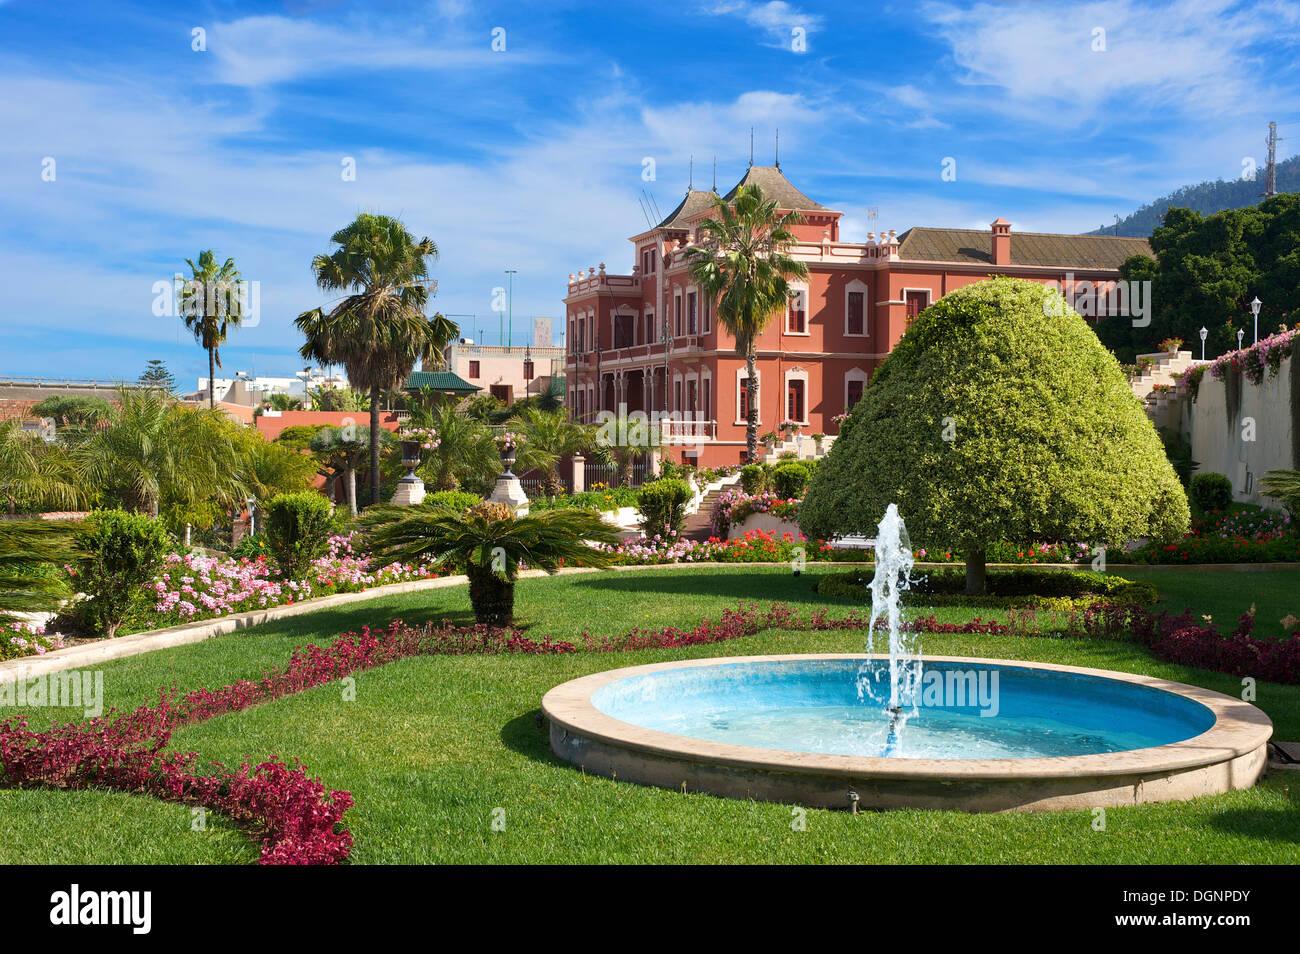 Gardens of jardin del marquesado de la quinta roja la orotava stock photo royalty free image - Jardines de franchy la orotava ...